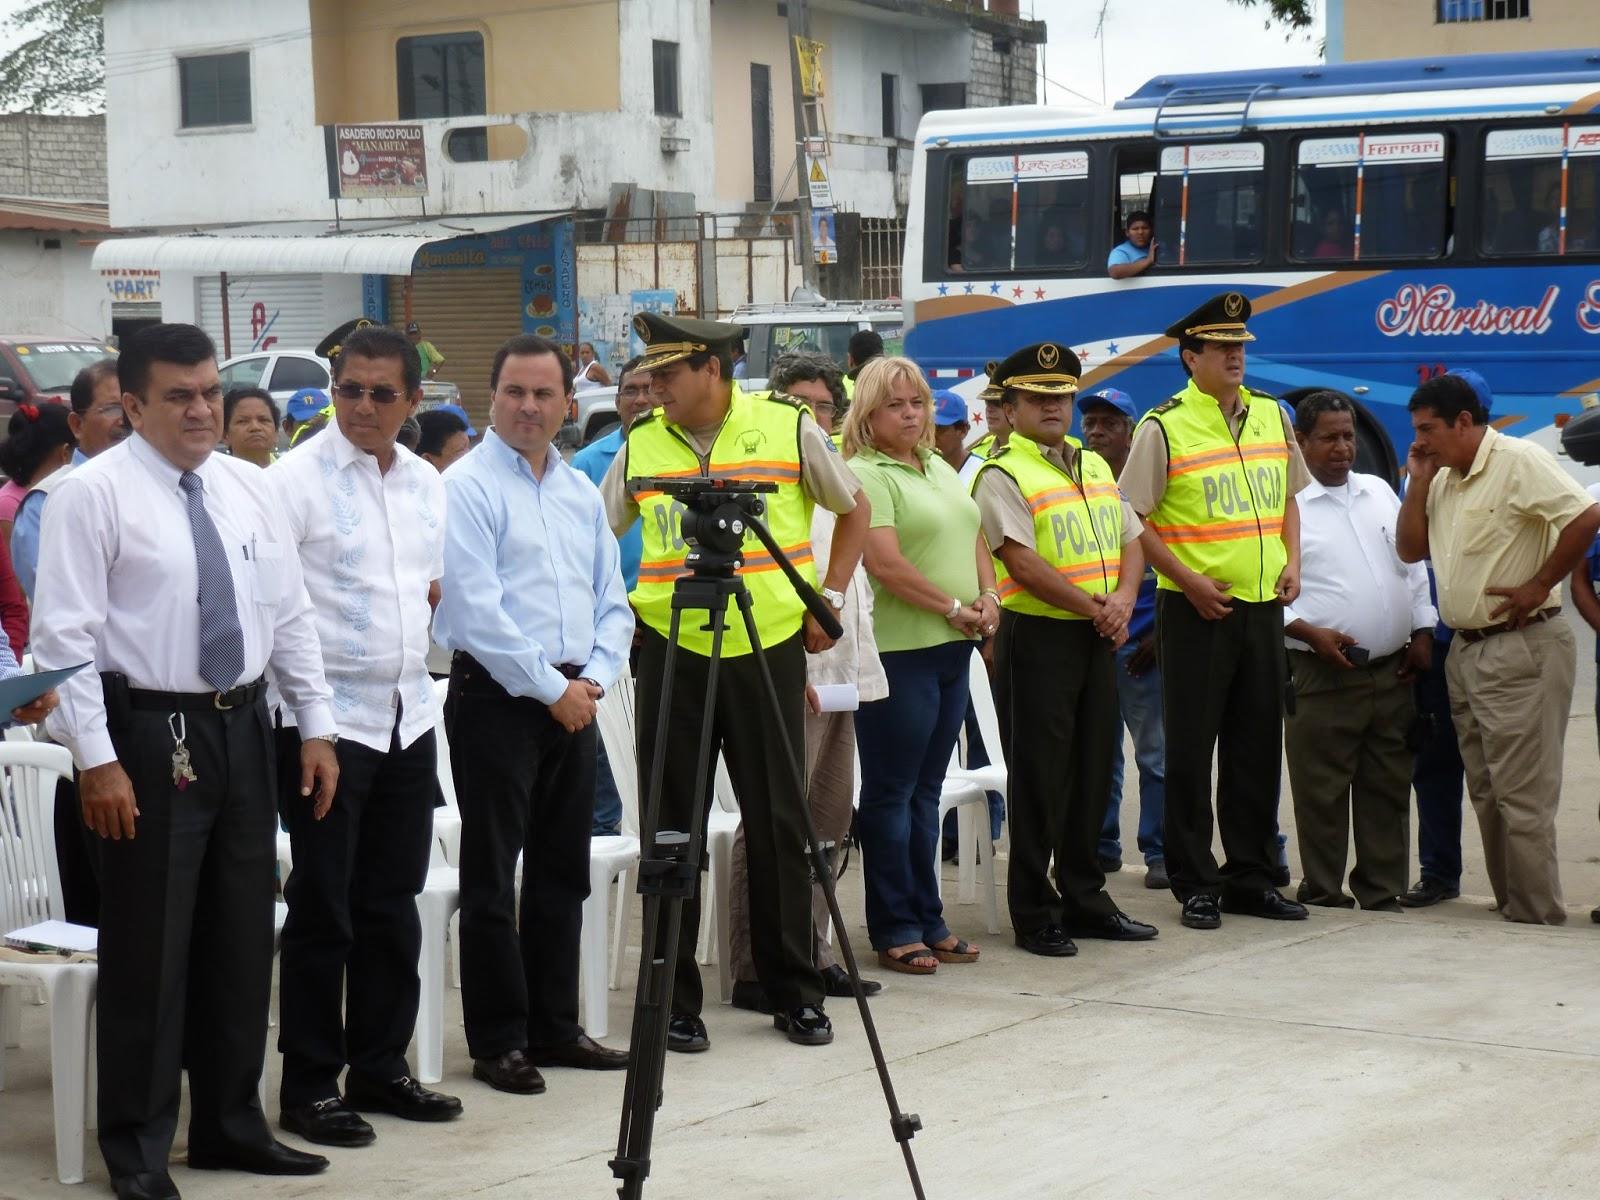 Asamblea de seguridad y participaci n ciudadana for Ministerio del interior policia nacional del ecuador